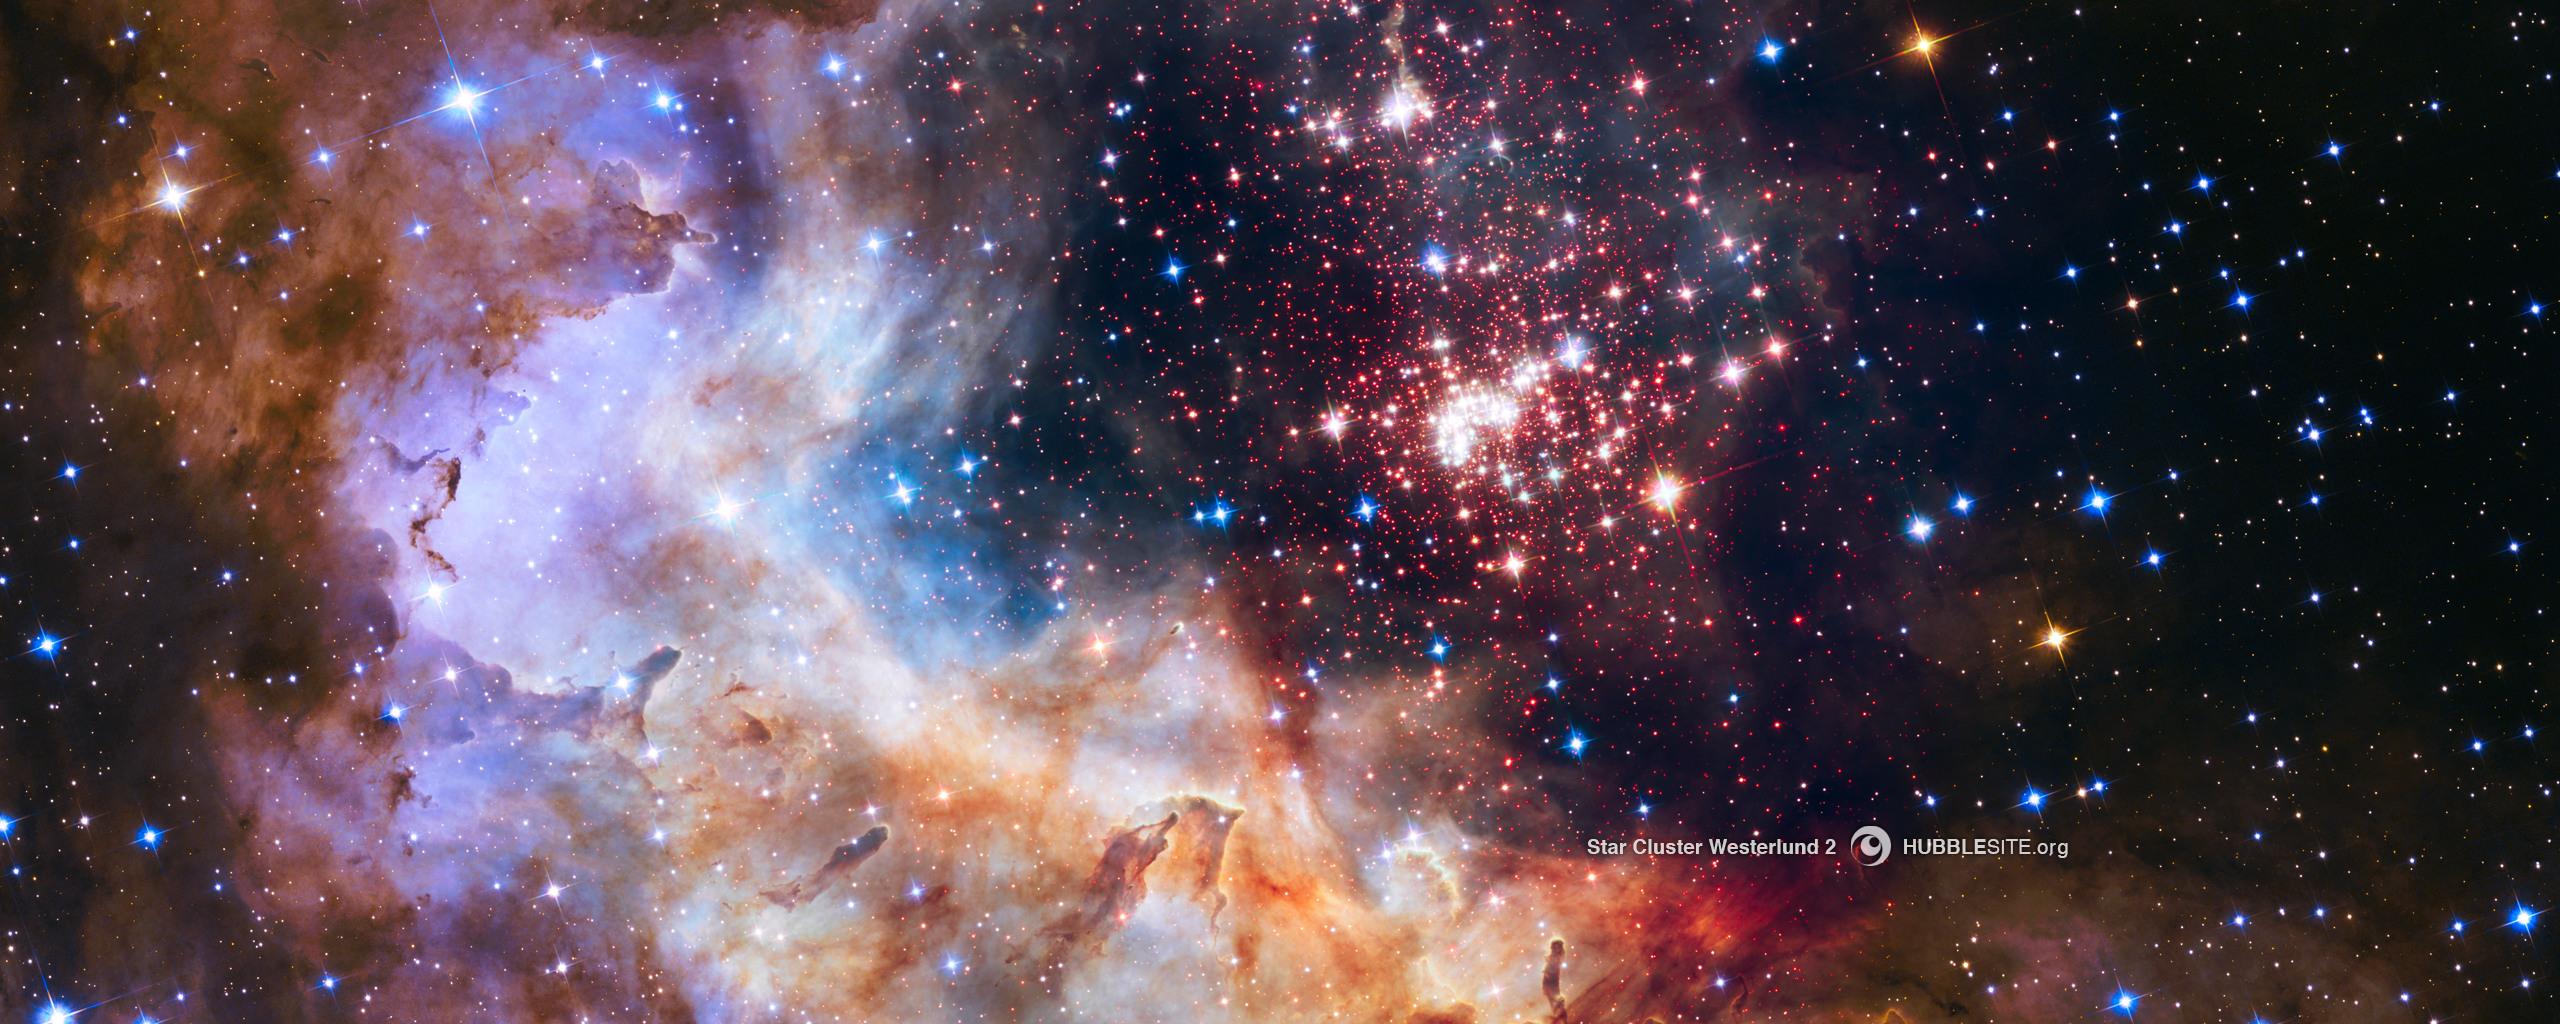 HubbleSite Images 2560x1024